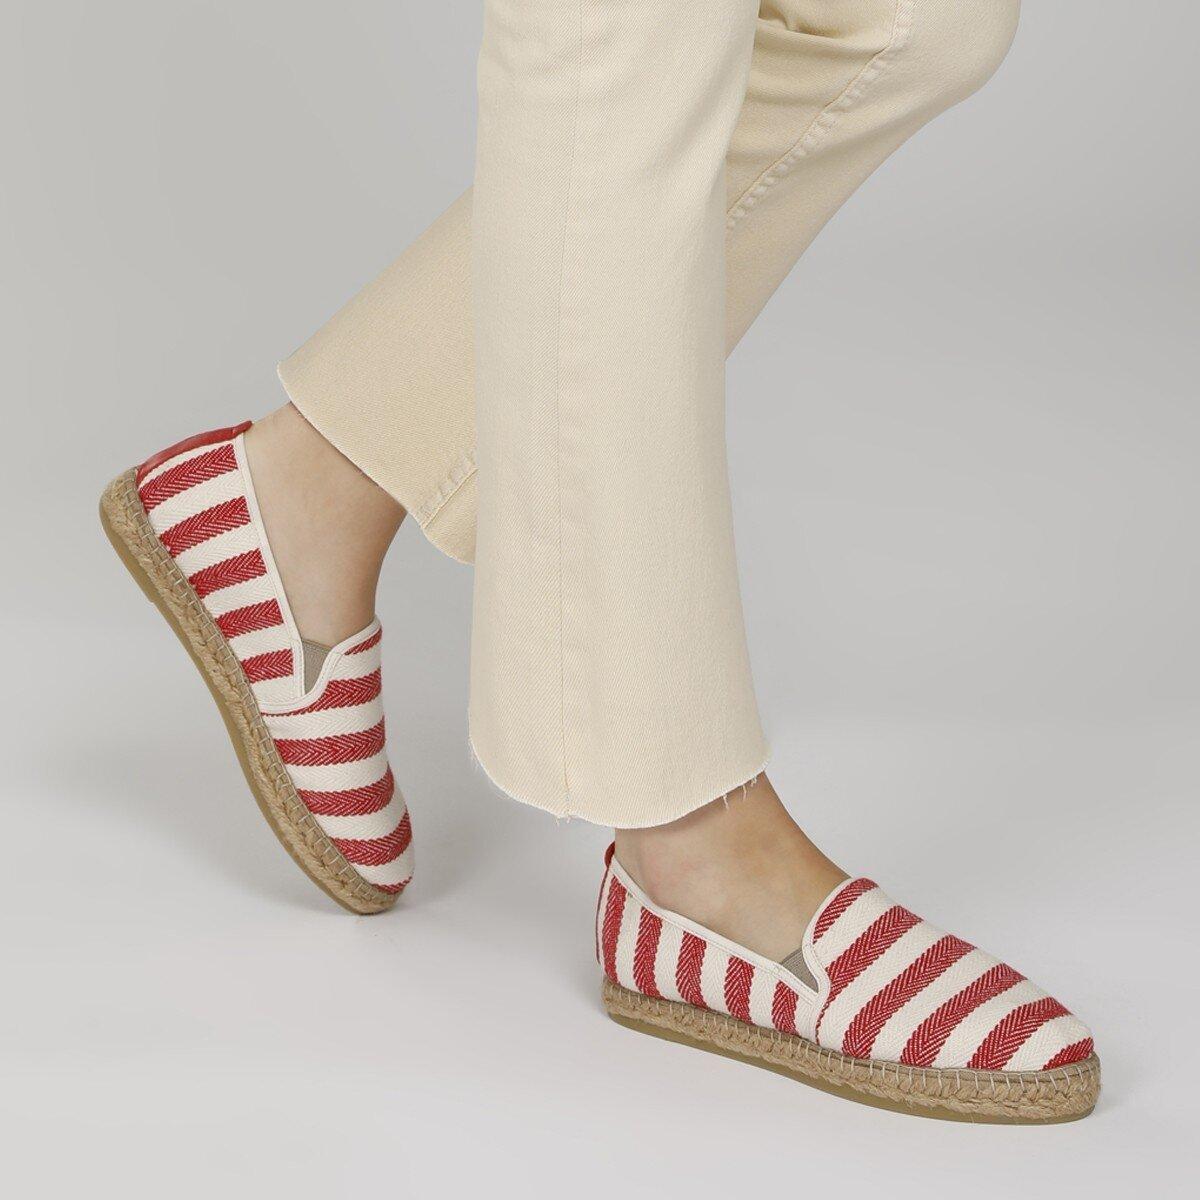 DARTENO 1FX Kırmızı Kadın Espadril Ayakkabı